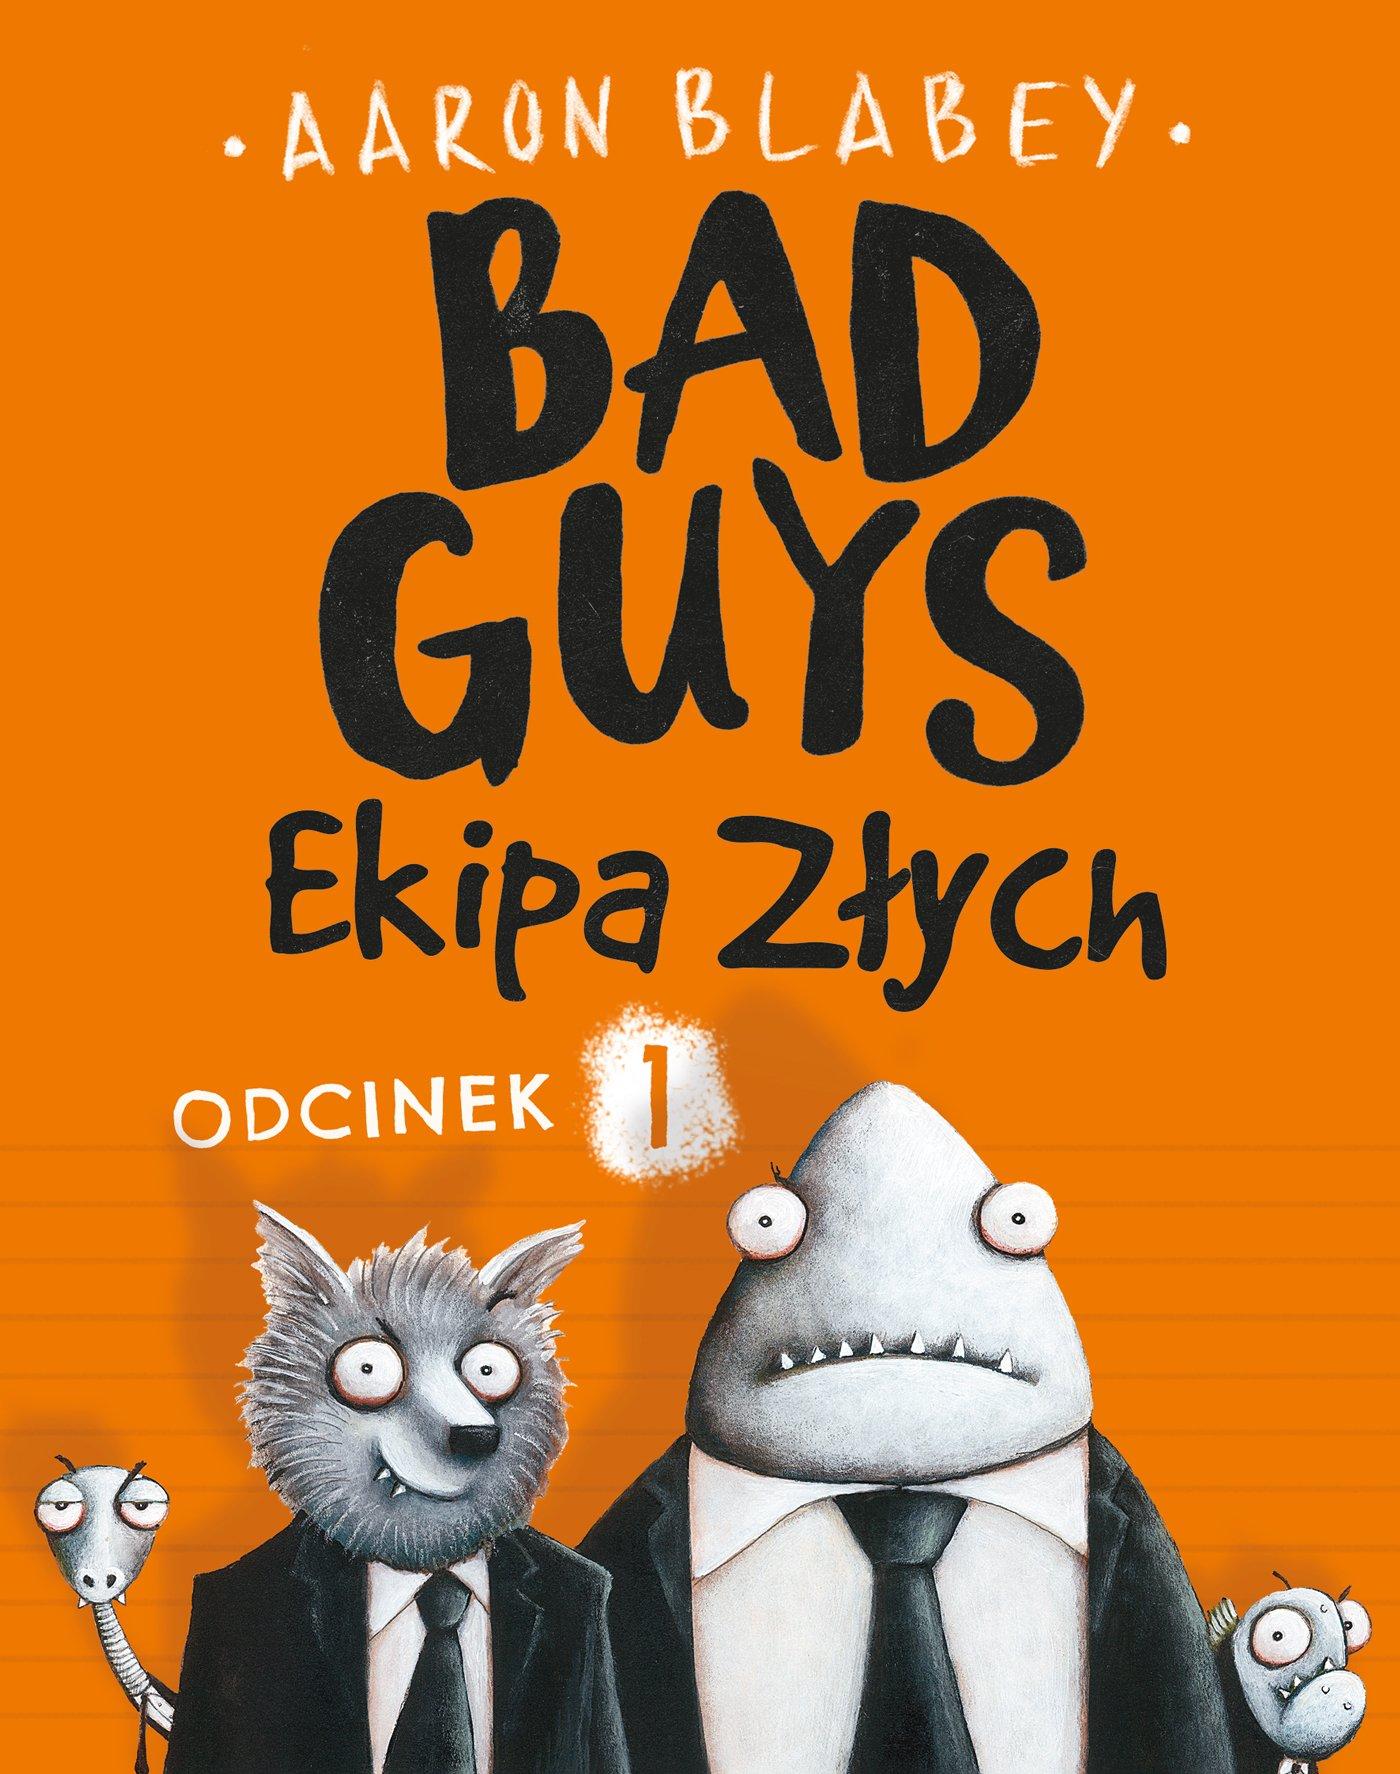 Bad Guys. Ekipa Złych Odcinek 1 - Ebook (Książka EPUB) do pobrania w formacie EPUB